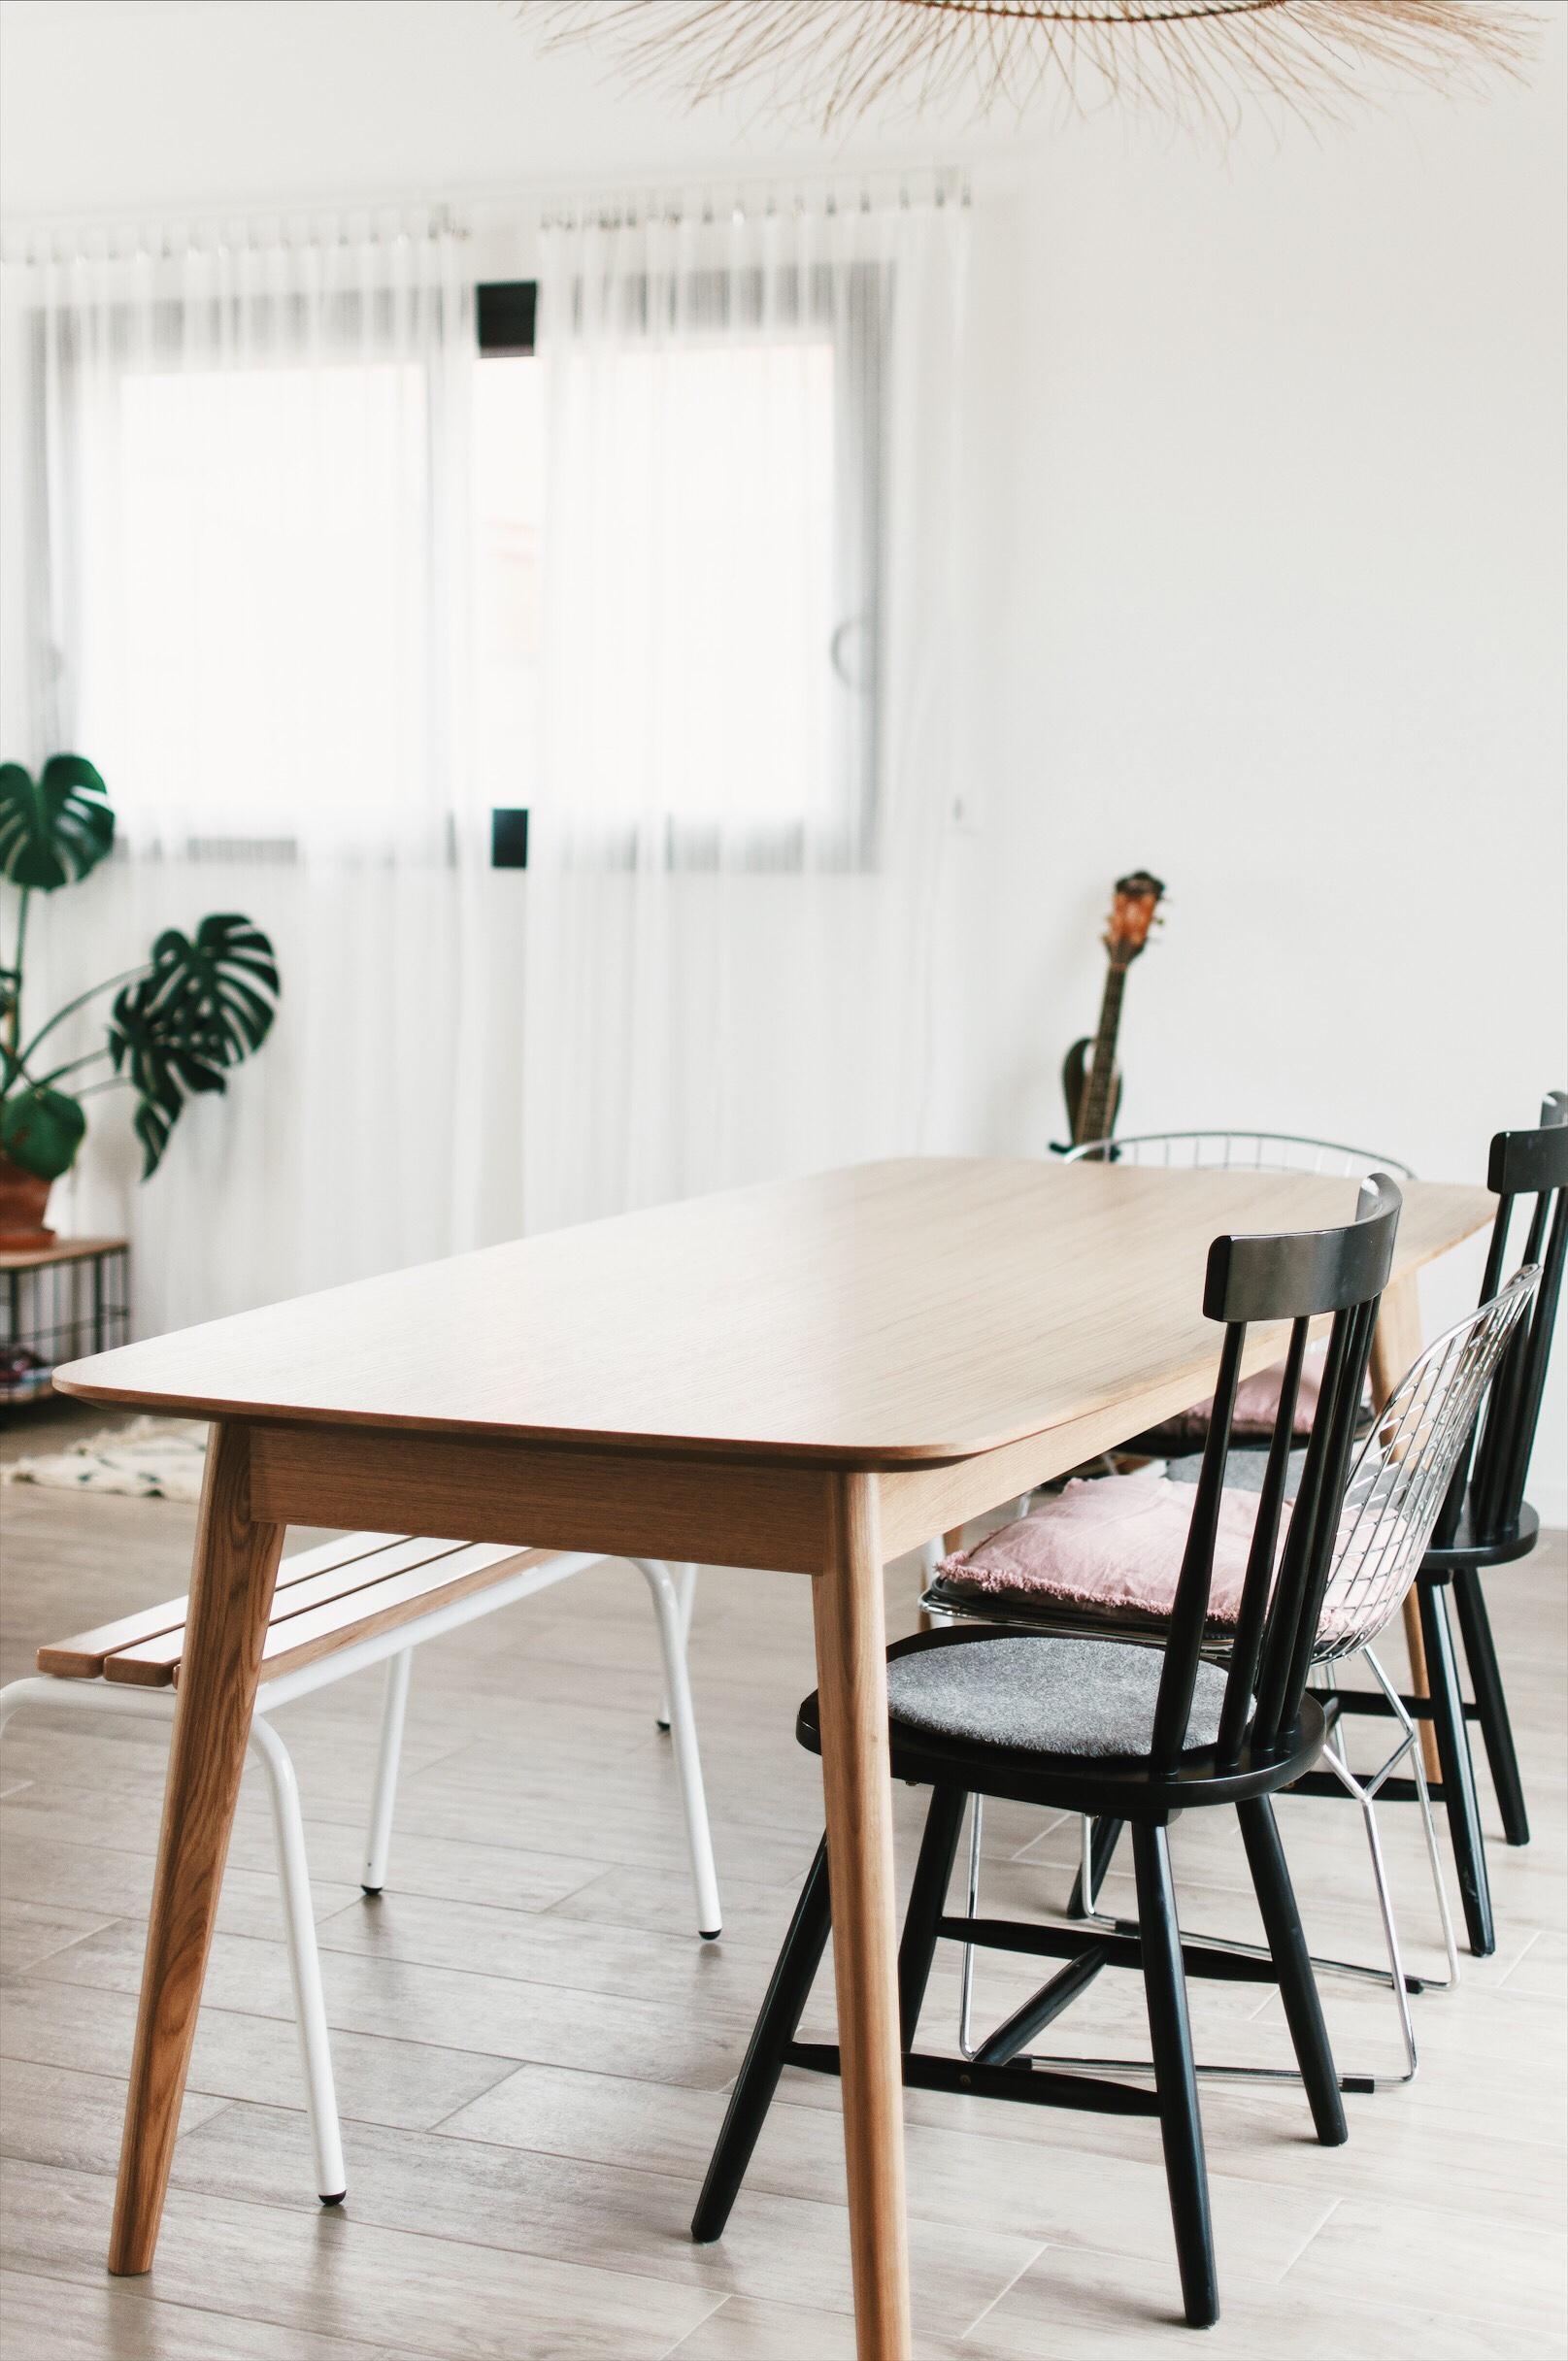 Table carrée ou rectangulaire ? Mon choix ! - Zess.fr // Lifestyle